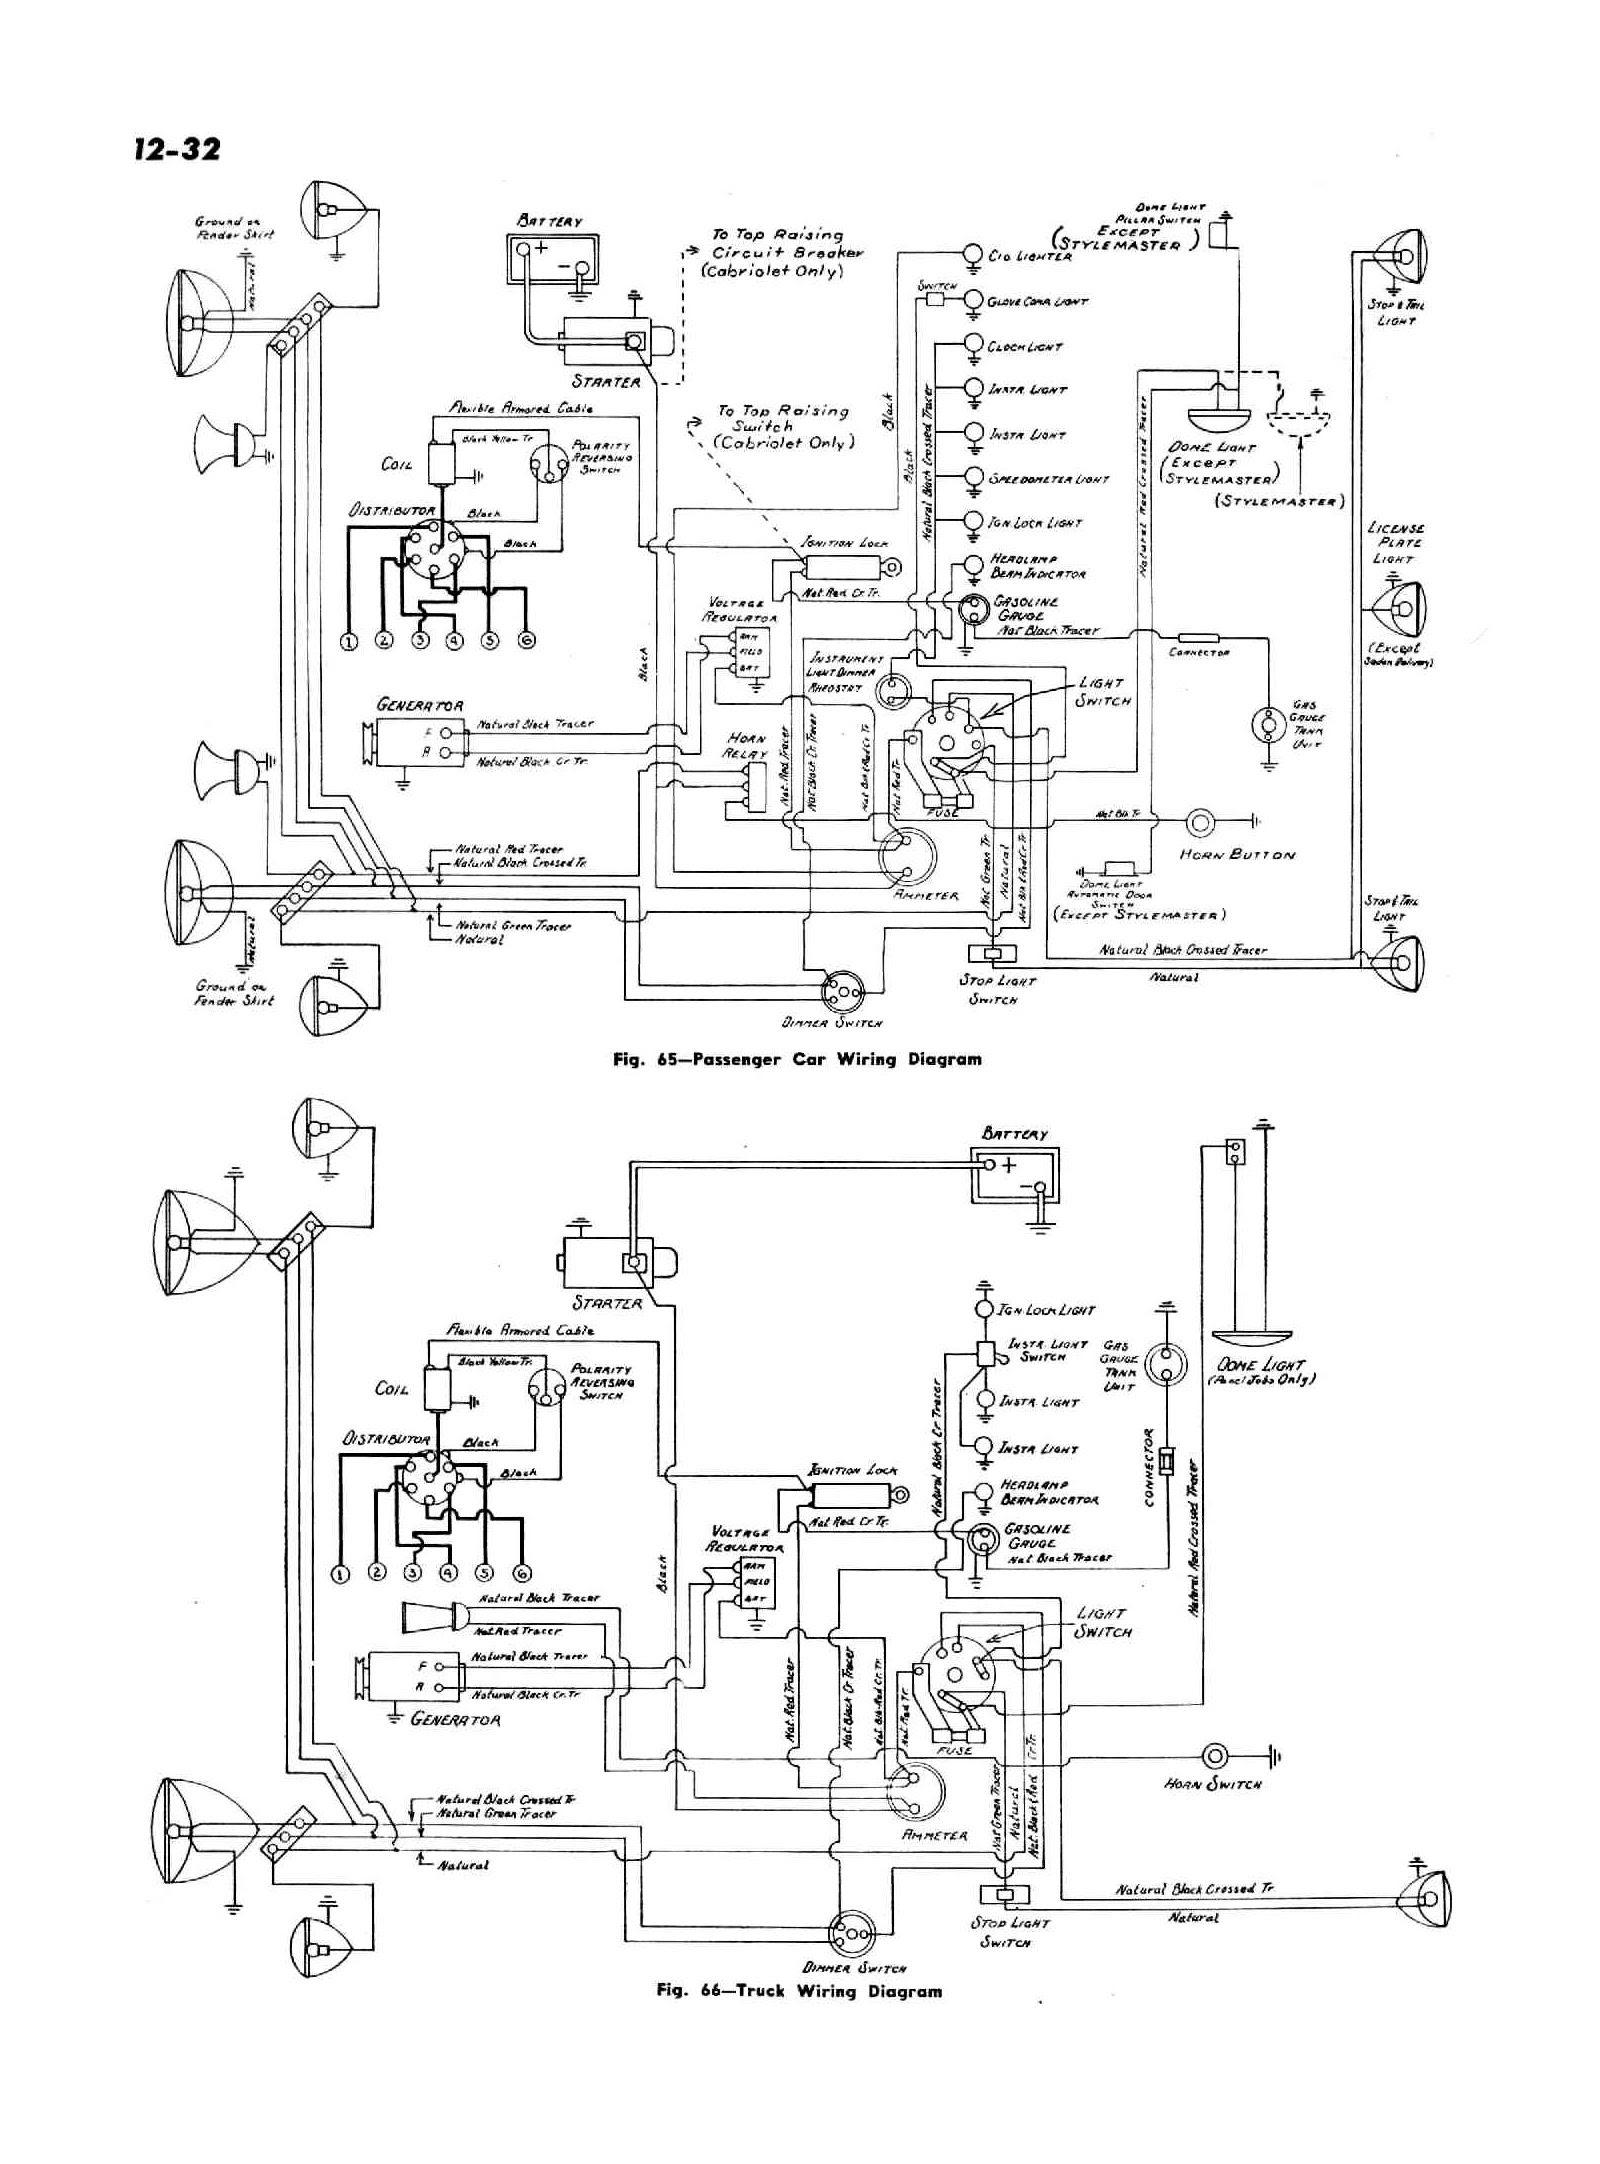 38e 1988 Gm Alternator Wiring Diagram Wiring Resources